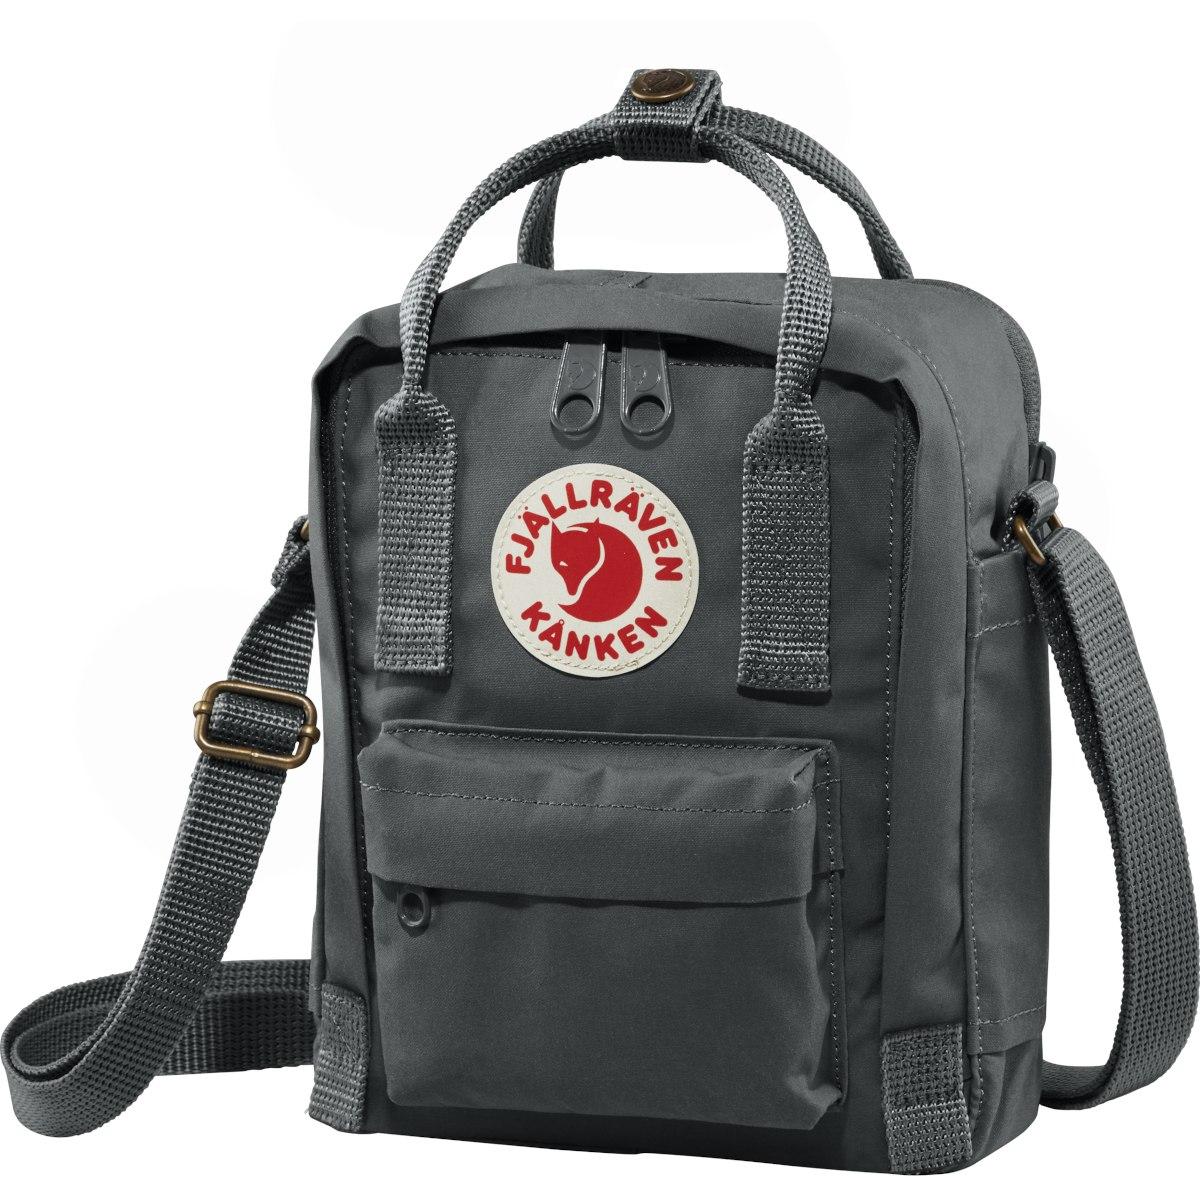 Fjällräven Kanken Sling Bag - graphite